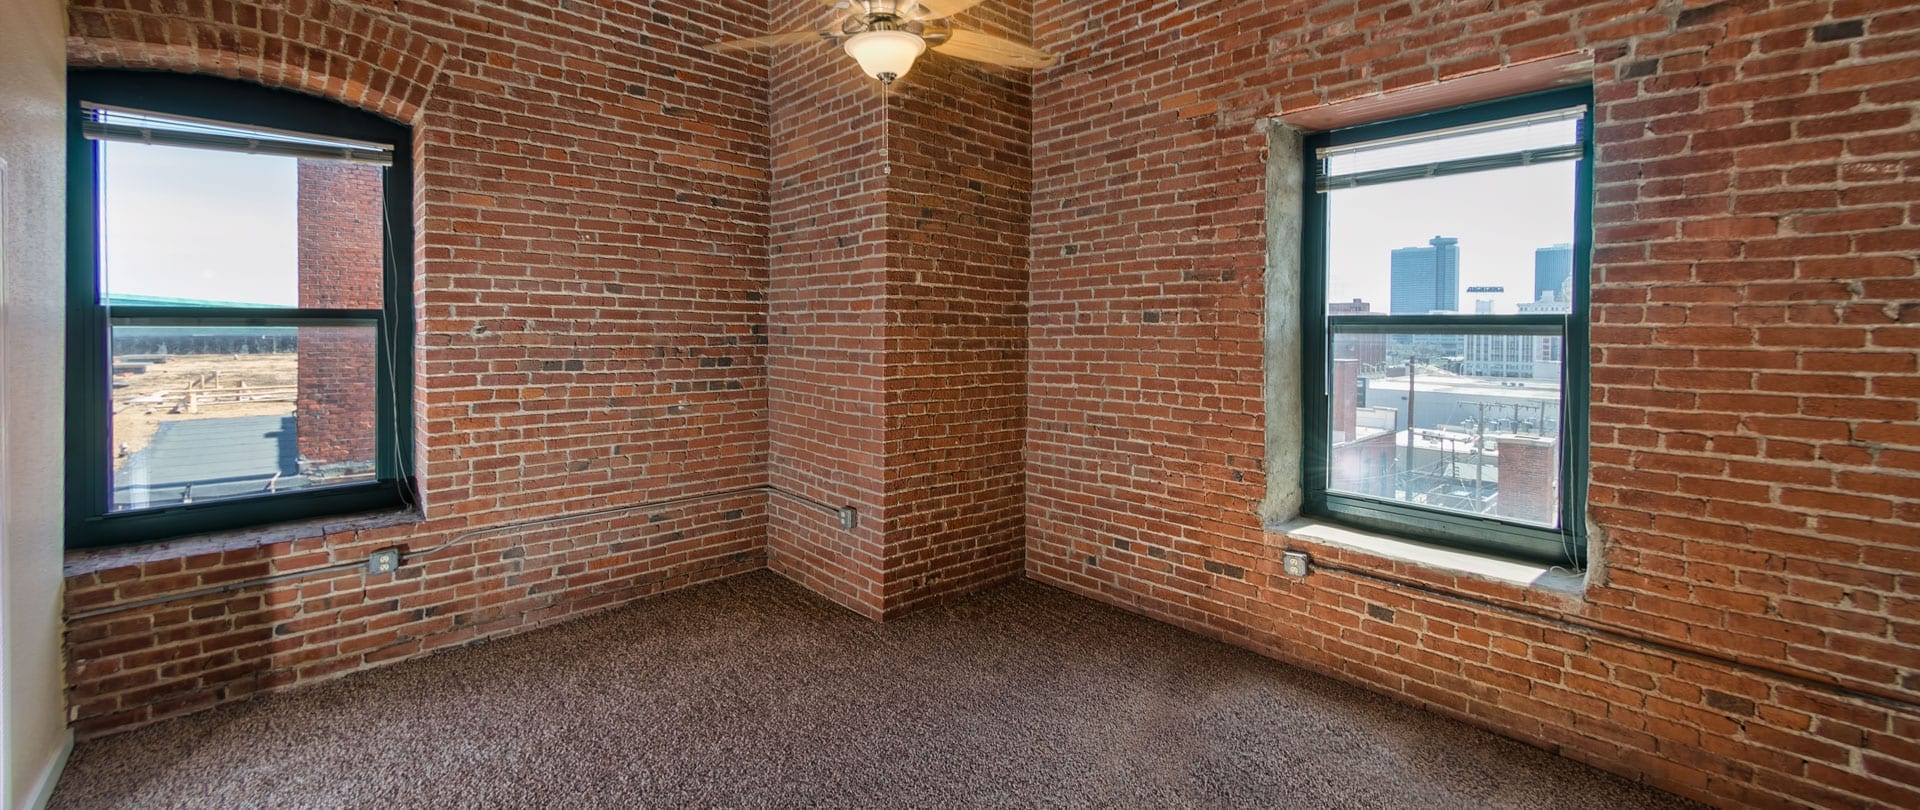 EBT Lofts - Kansas City Lofts, Condos and Apartments   KCLoftCentral